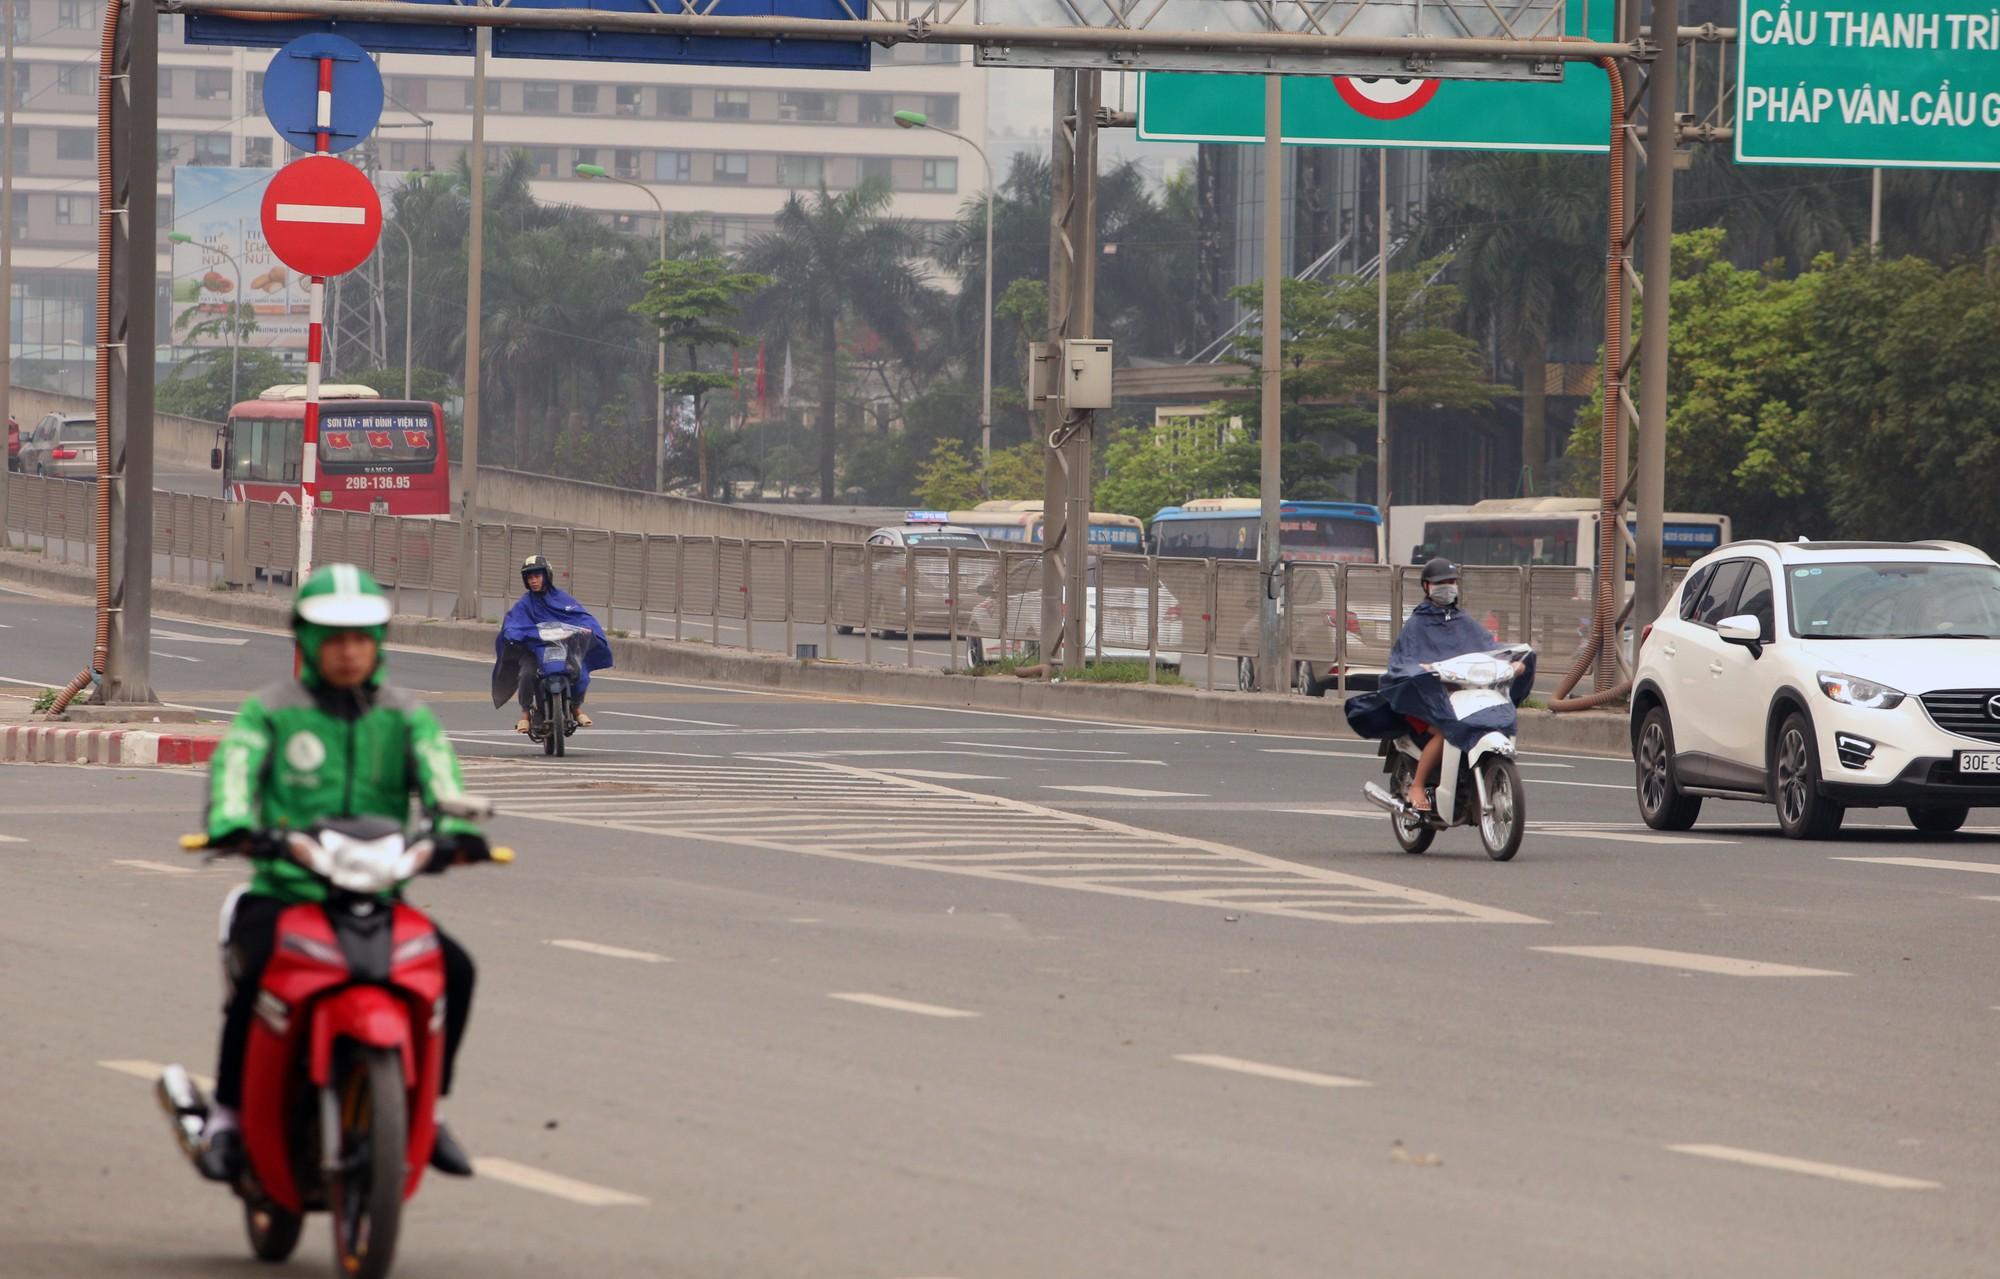 Tài xế xe máy đi vào đường Vành đai 3 trên cao bỏ chạy khi thấy CSGT - Ảnh 2.